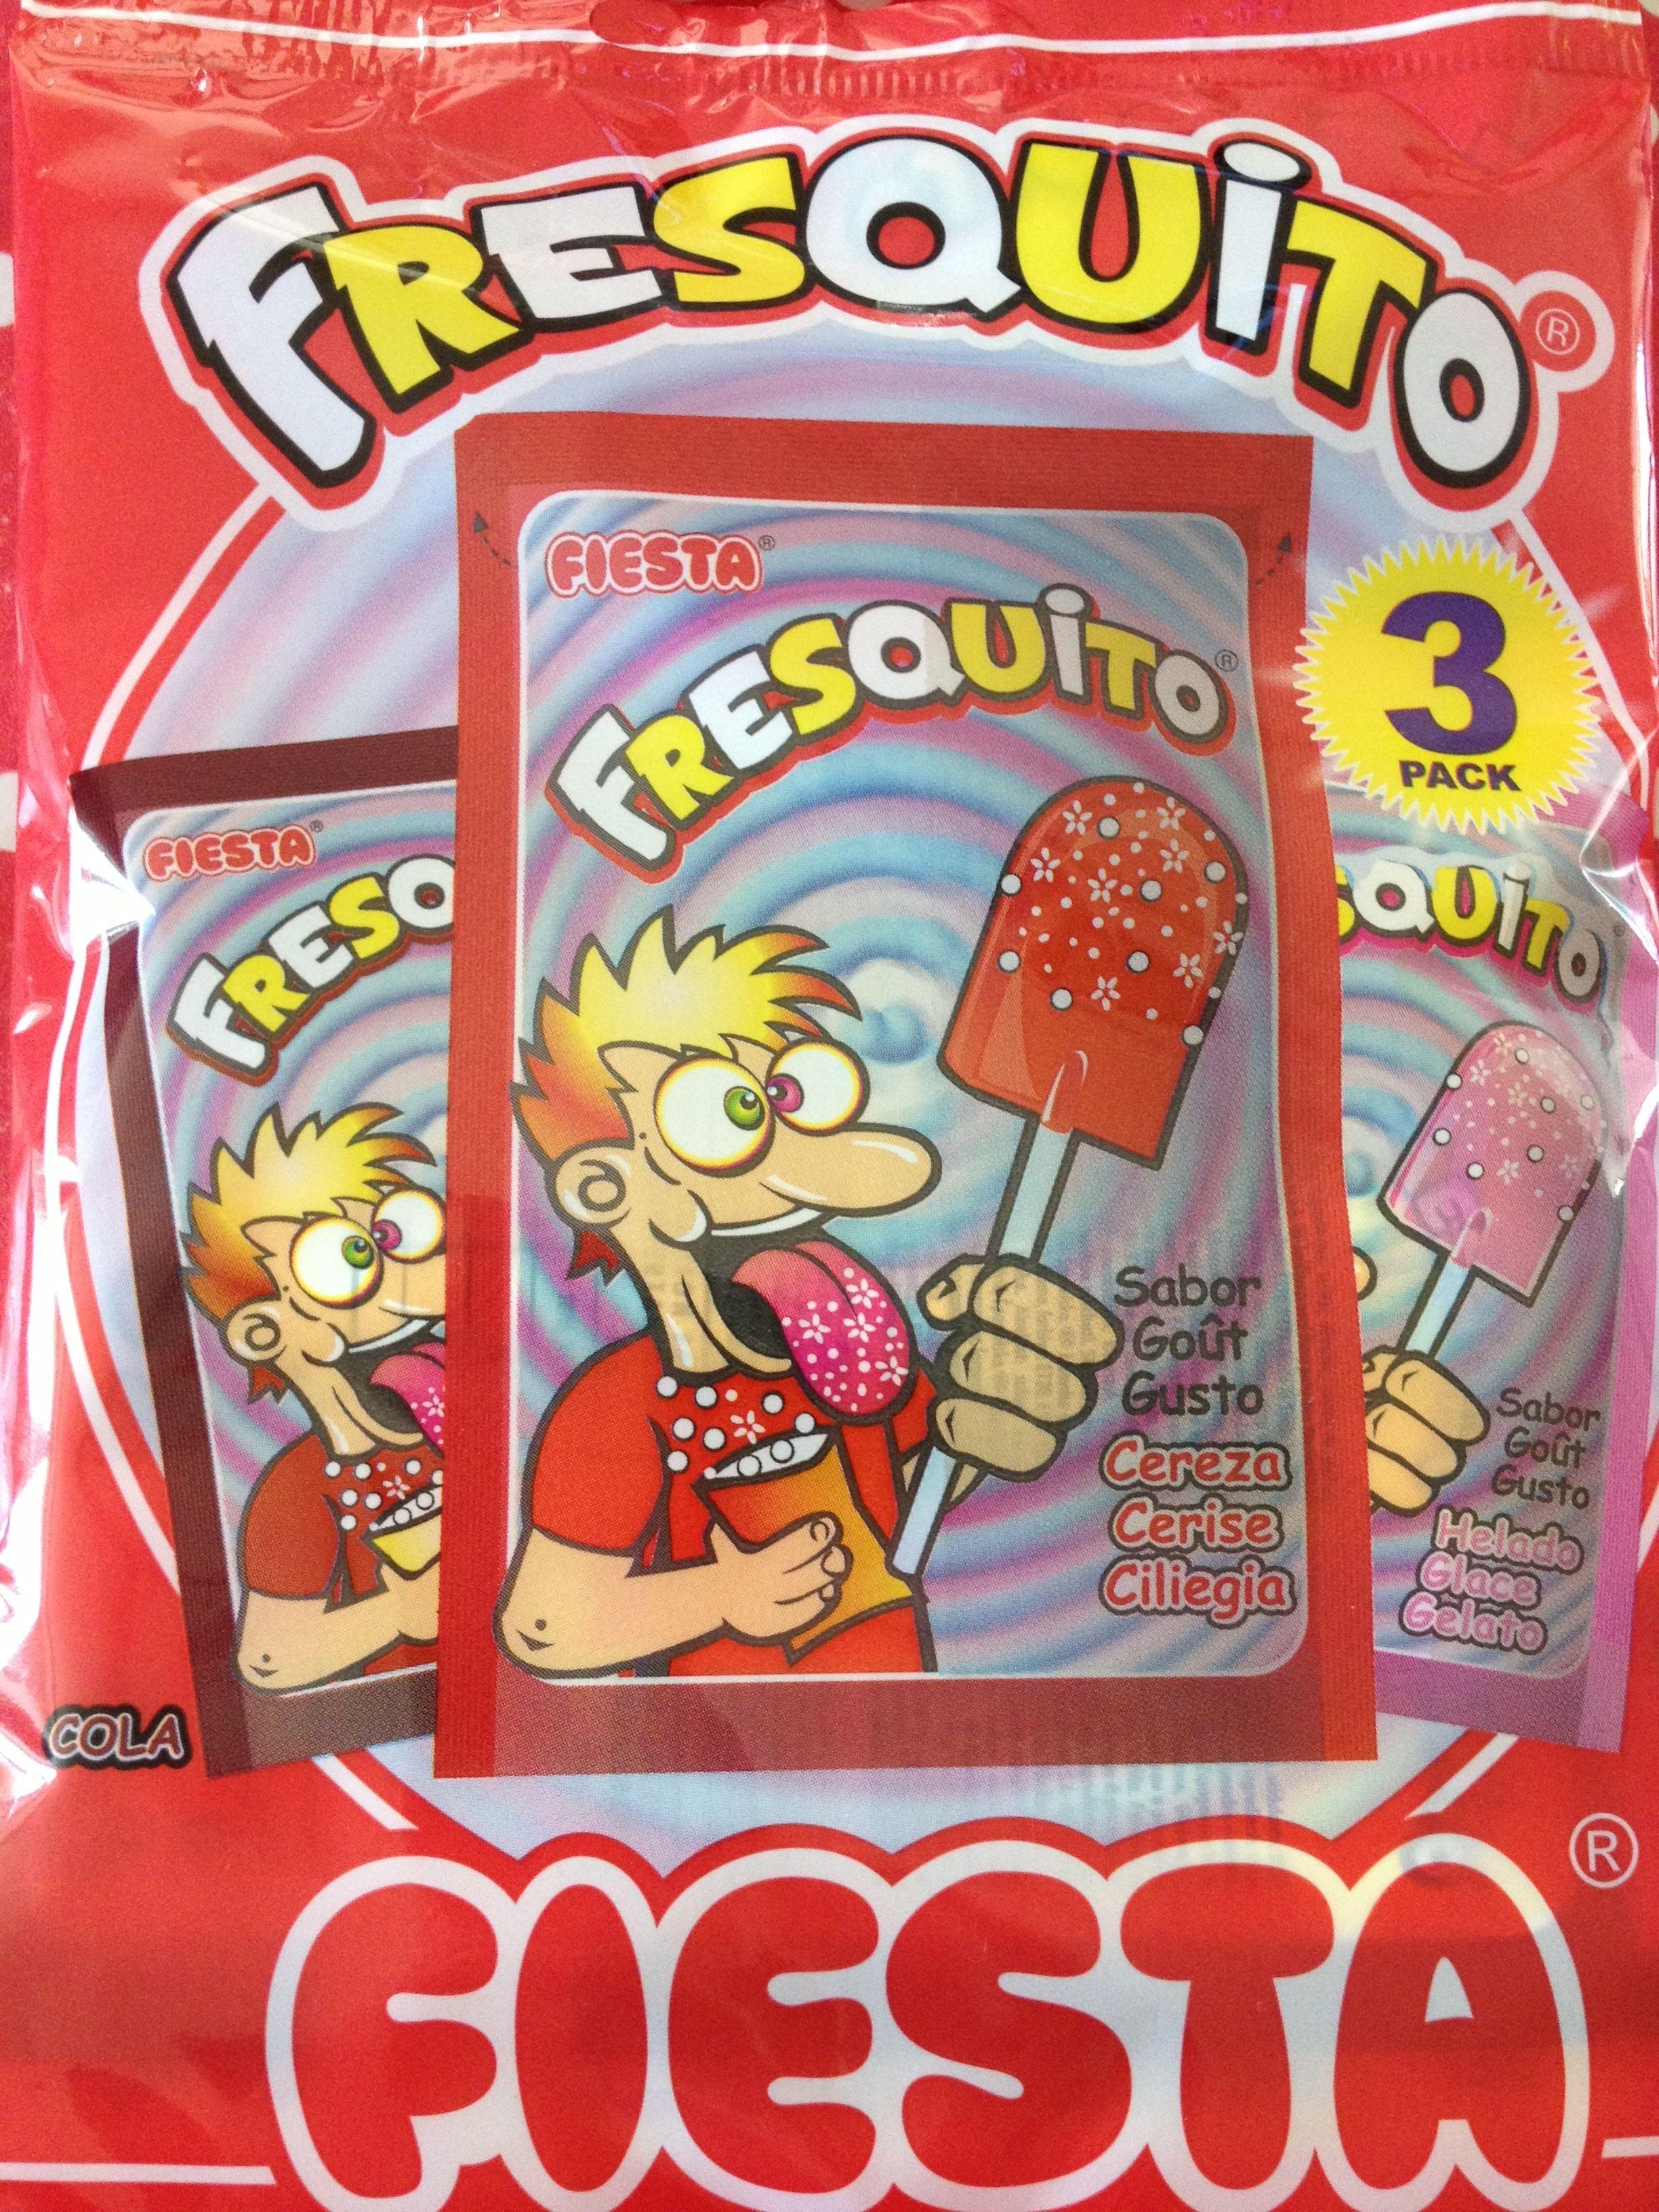 Fresquito - Product - fr